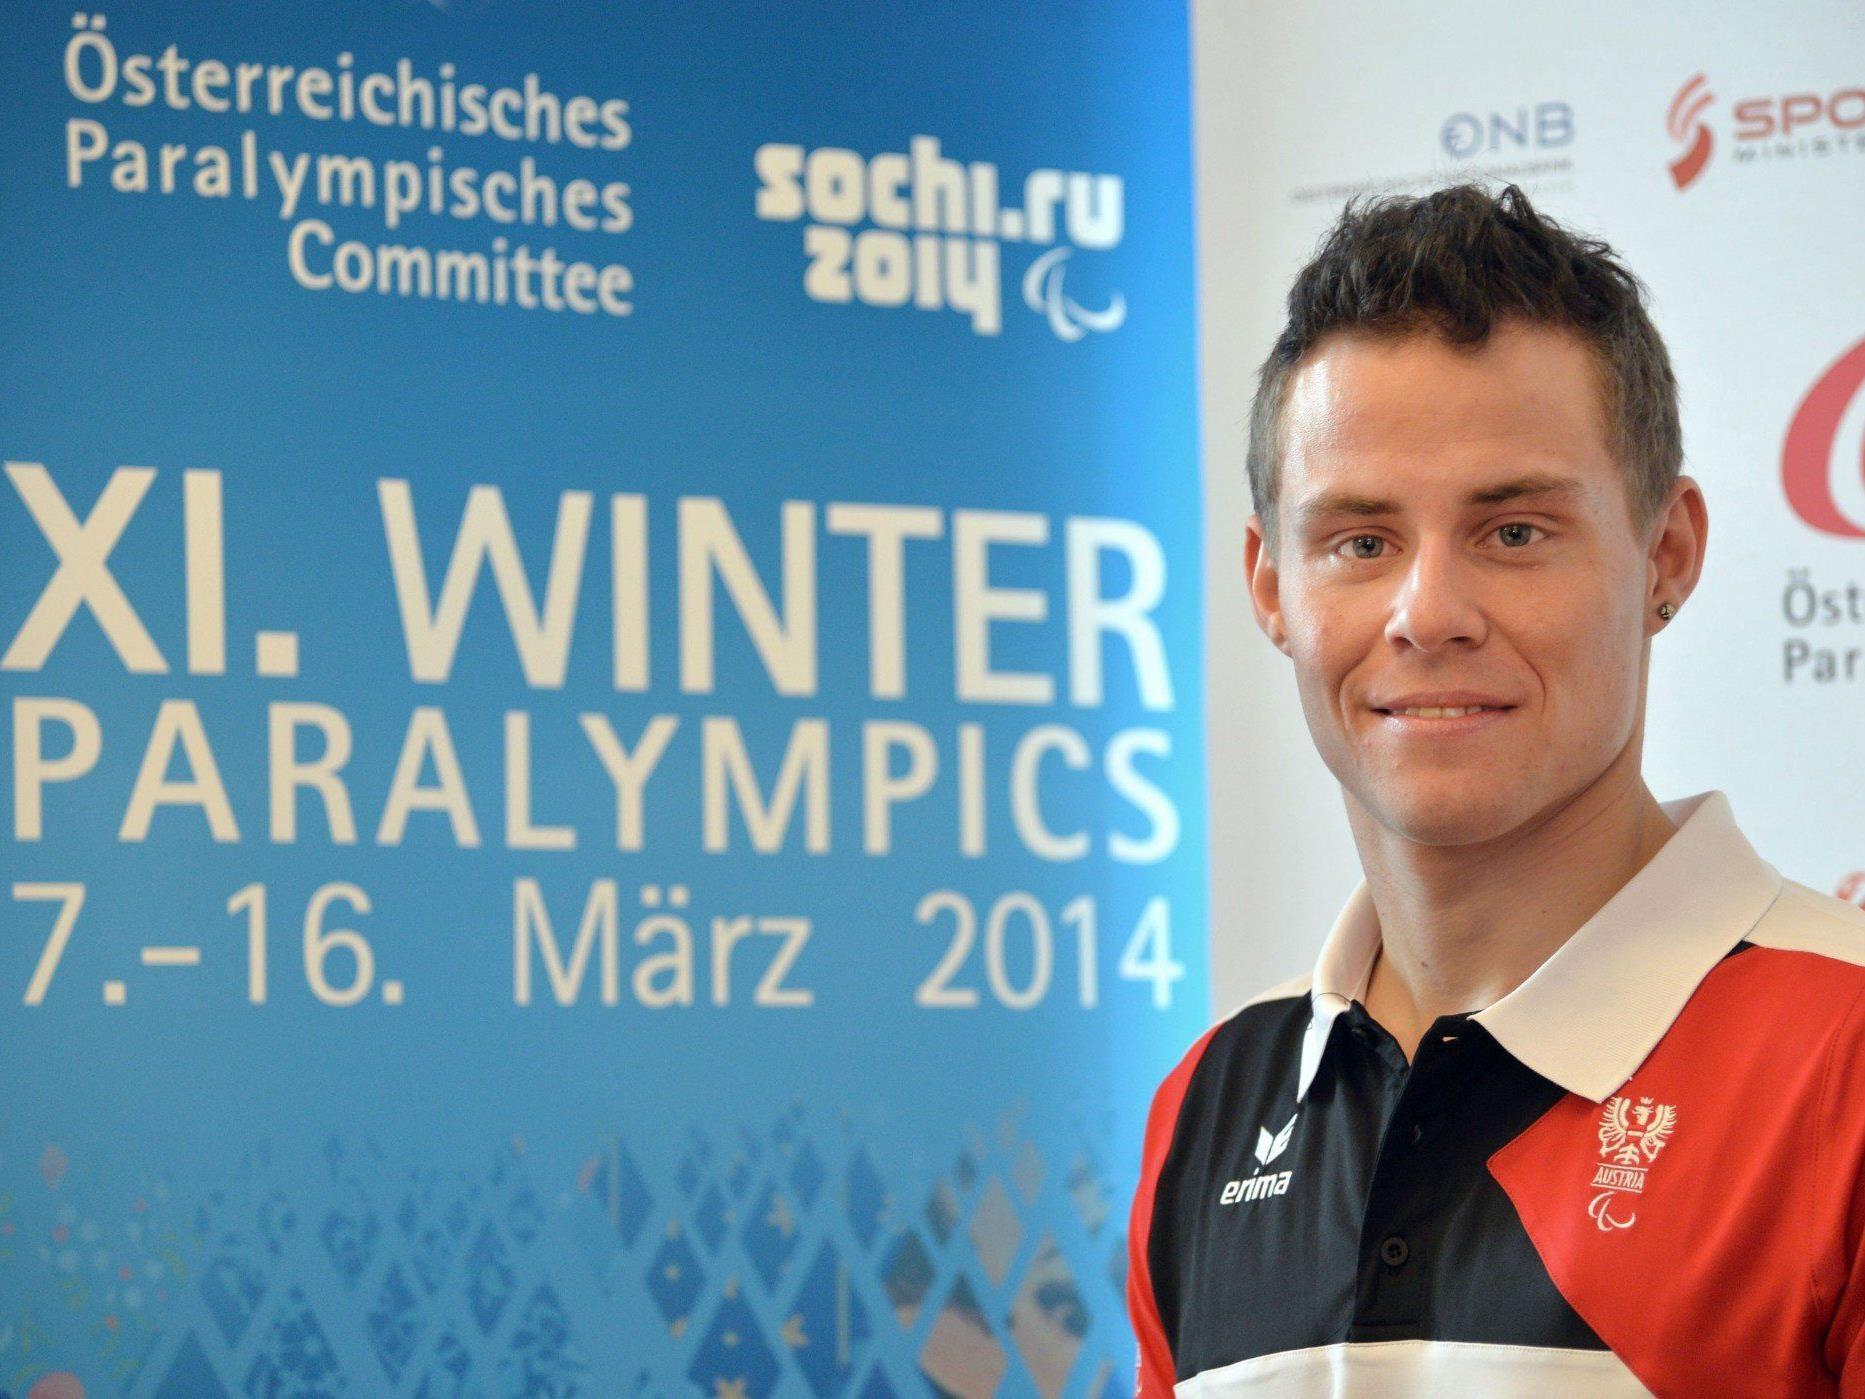 Österreich schickt 13 Athleten, davon 11 Alpin-Sportler nach Sotschi.